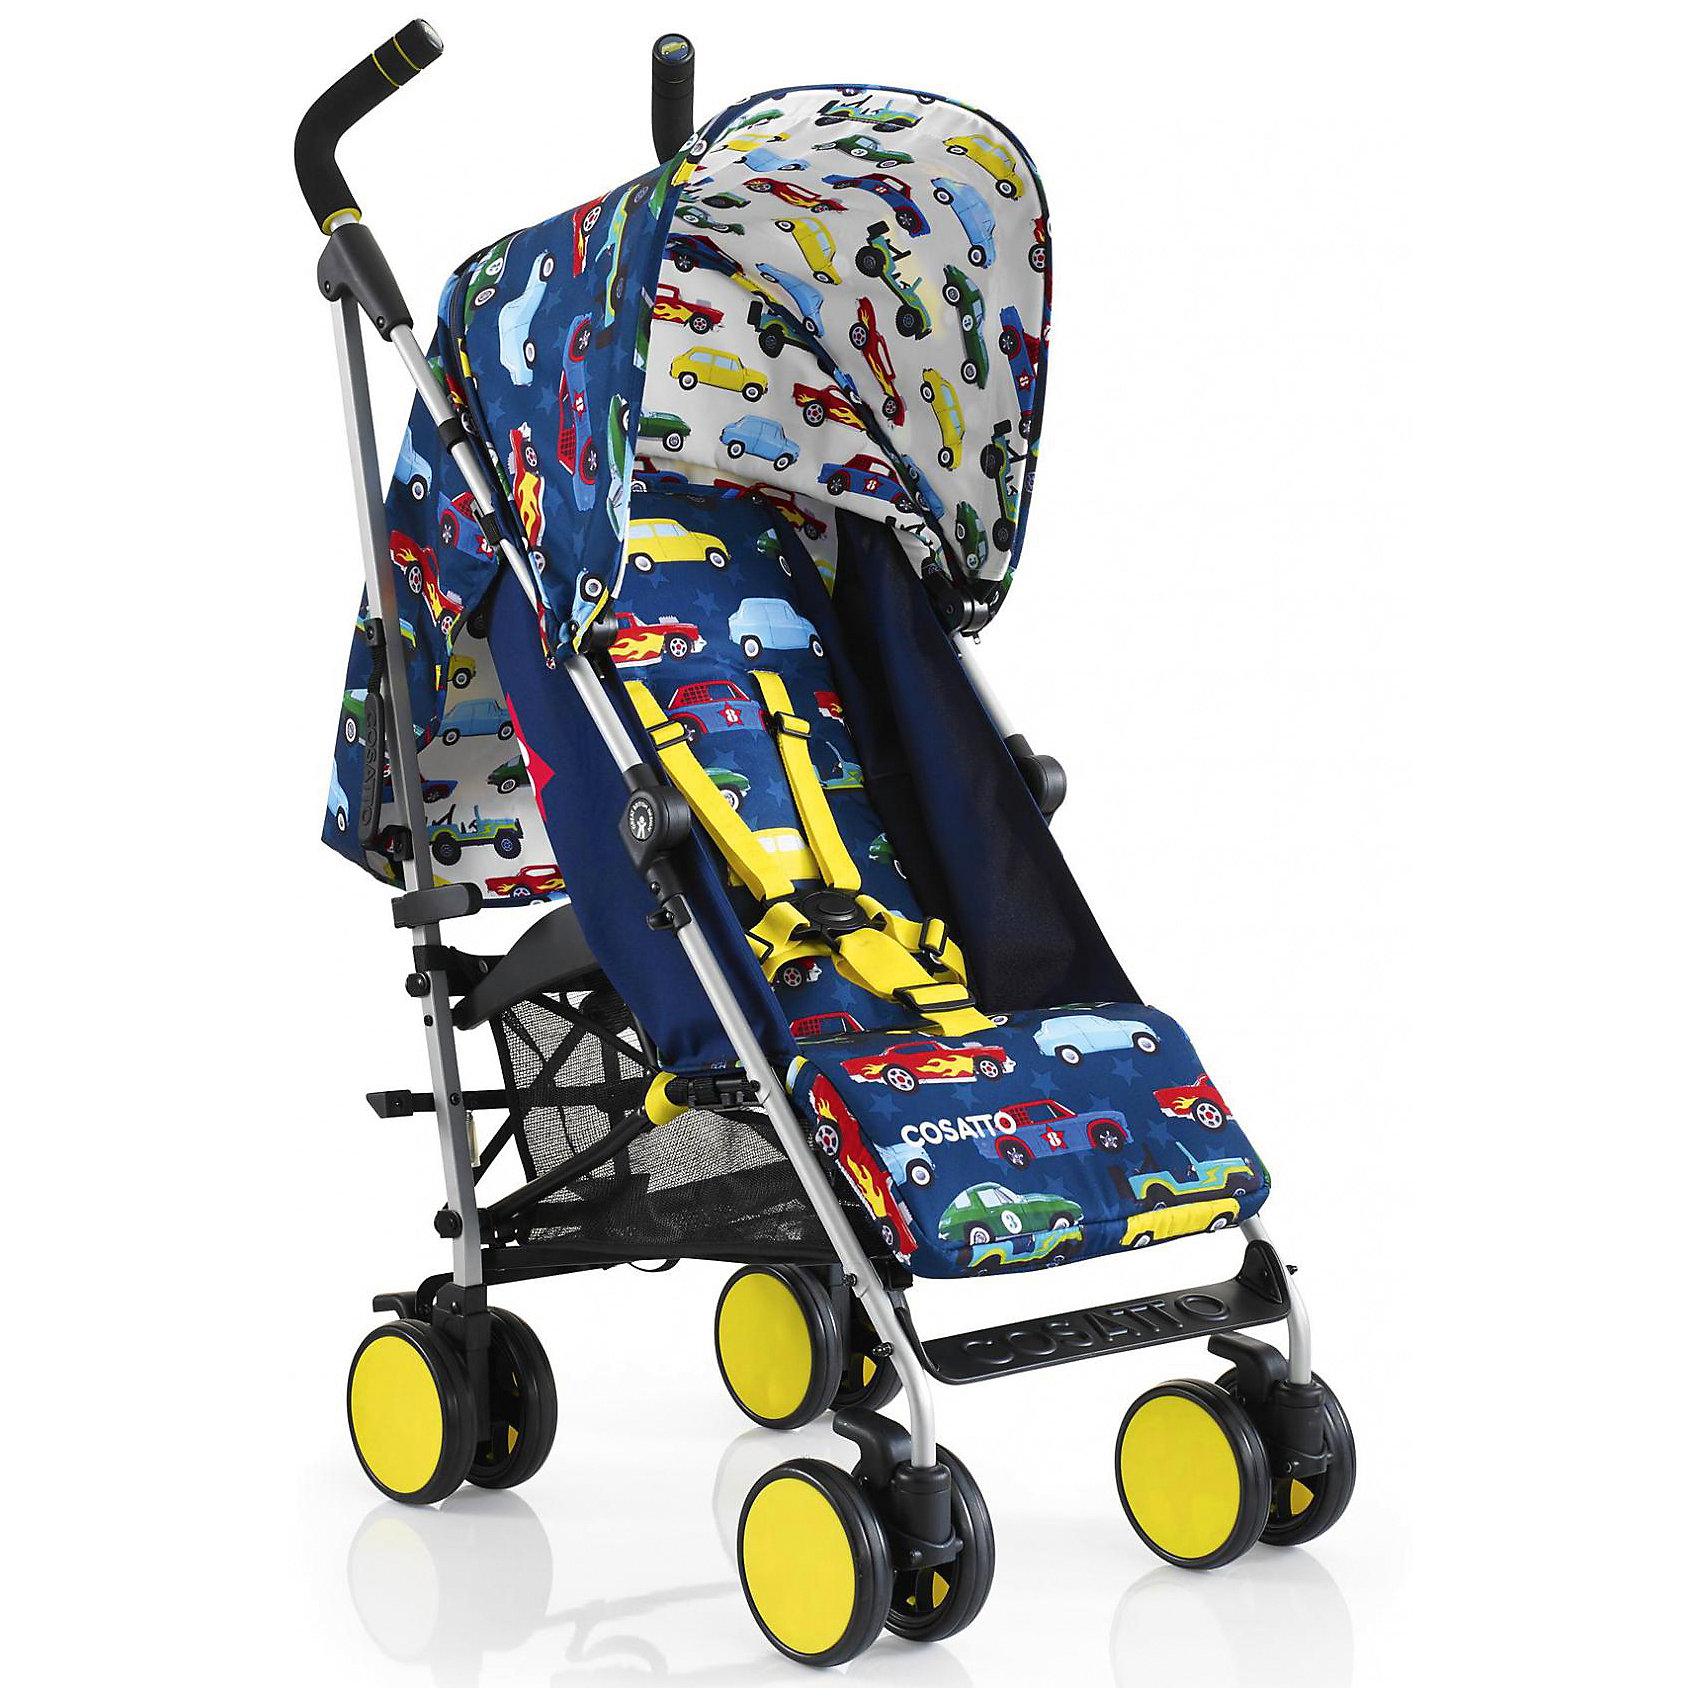 Коляска-трость Cosatto Supa Go, Rev UpКоляски-трости<br>Стильная коляска станет для родителей не только незаменимой вещью, но и стильным аксессуаром. Функциональность, дизайн и маневренность – все это – новая модель от Cosatto. Все материалы, использованные при изготовлении, безопасны и отвечают требованиям по качеству продукции.<br><br>Дополнительные характеристики: <br><br>возраст: 6 месяцев – 3 года;<br>регулируемый капюшон;<br>механизм складывания: трость;<br>регулировка спинки;<br>ножной тормоз;<br>пятиточечные ремни безопасности;<br>габариты: 78 х 48,5 х 110 см;<br>материал шасси: алюминий;<br>комплектация: дождевик<br><br>ВНИМАНИЕ!!! В комплектацию коляски не входит бампер, его можно купить отдельно.<br><br>Коляску-трость SUPA Go от компании Cosatto можно приобрести в нашем магазине.<br><br>Яркие и стильные расцветки коляски поднимут вам настроение. Регулируемый капюшон и спинка. Без бампера<br><br>Ширина мм: 1120<br>Глубина мм: 280<br>Высота мм: 280<br>Вес г: 12000<br>Возраст от месяцев: 6<br>Возраст до месяцев: 36<br>Пол: Унисекс<br>Возраст: Детский<br>SKU: 5025714